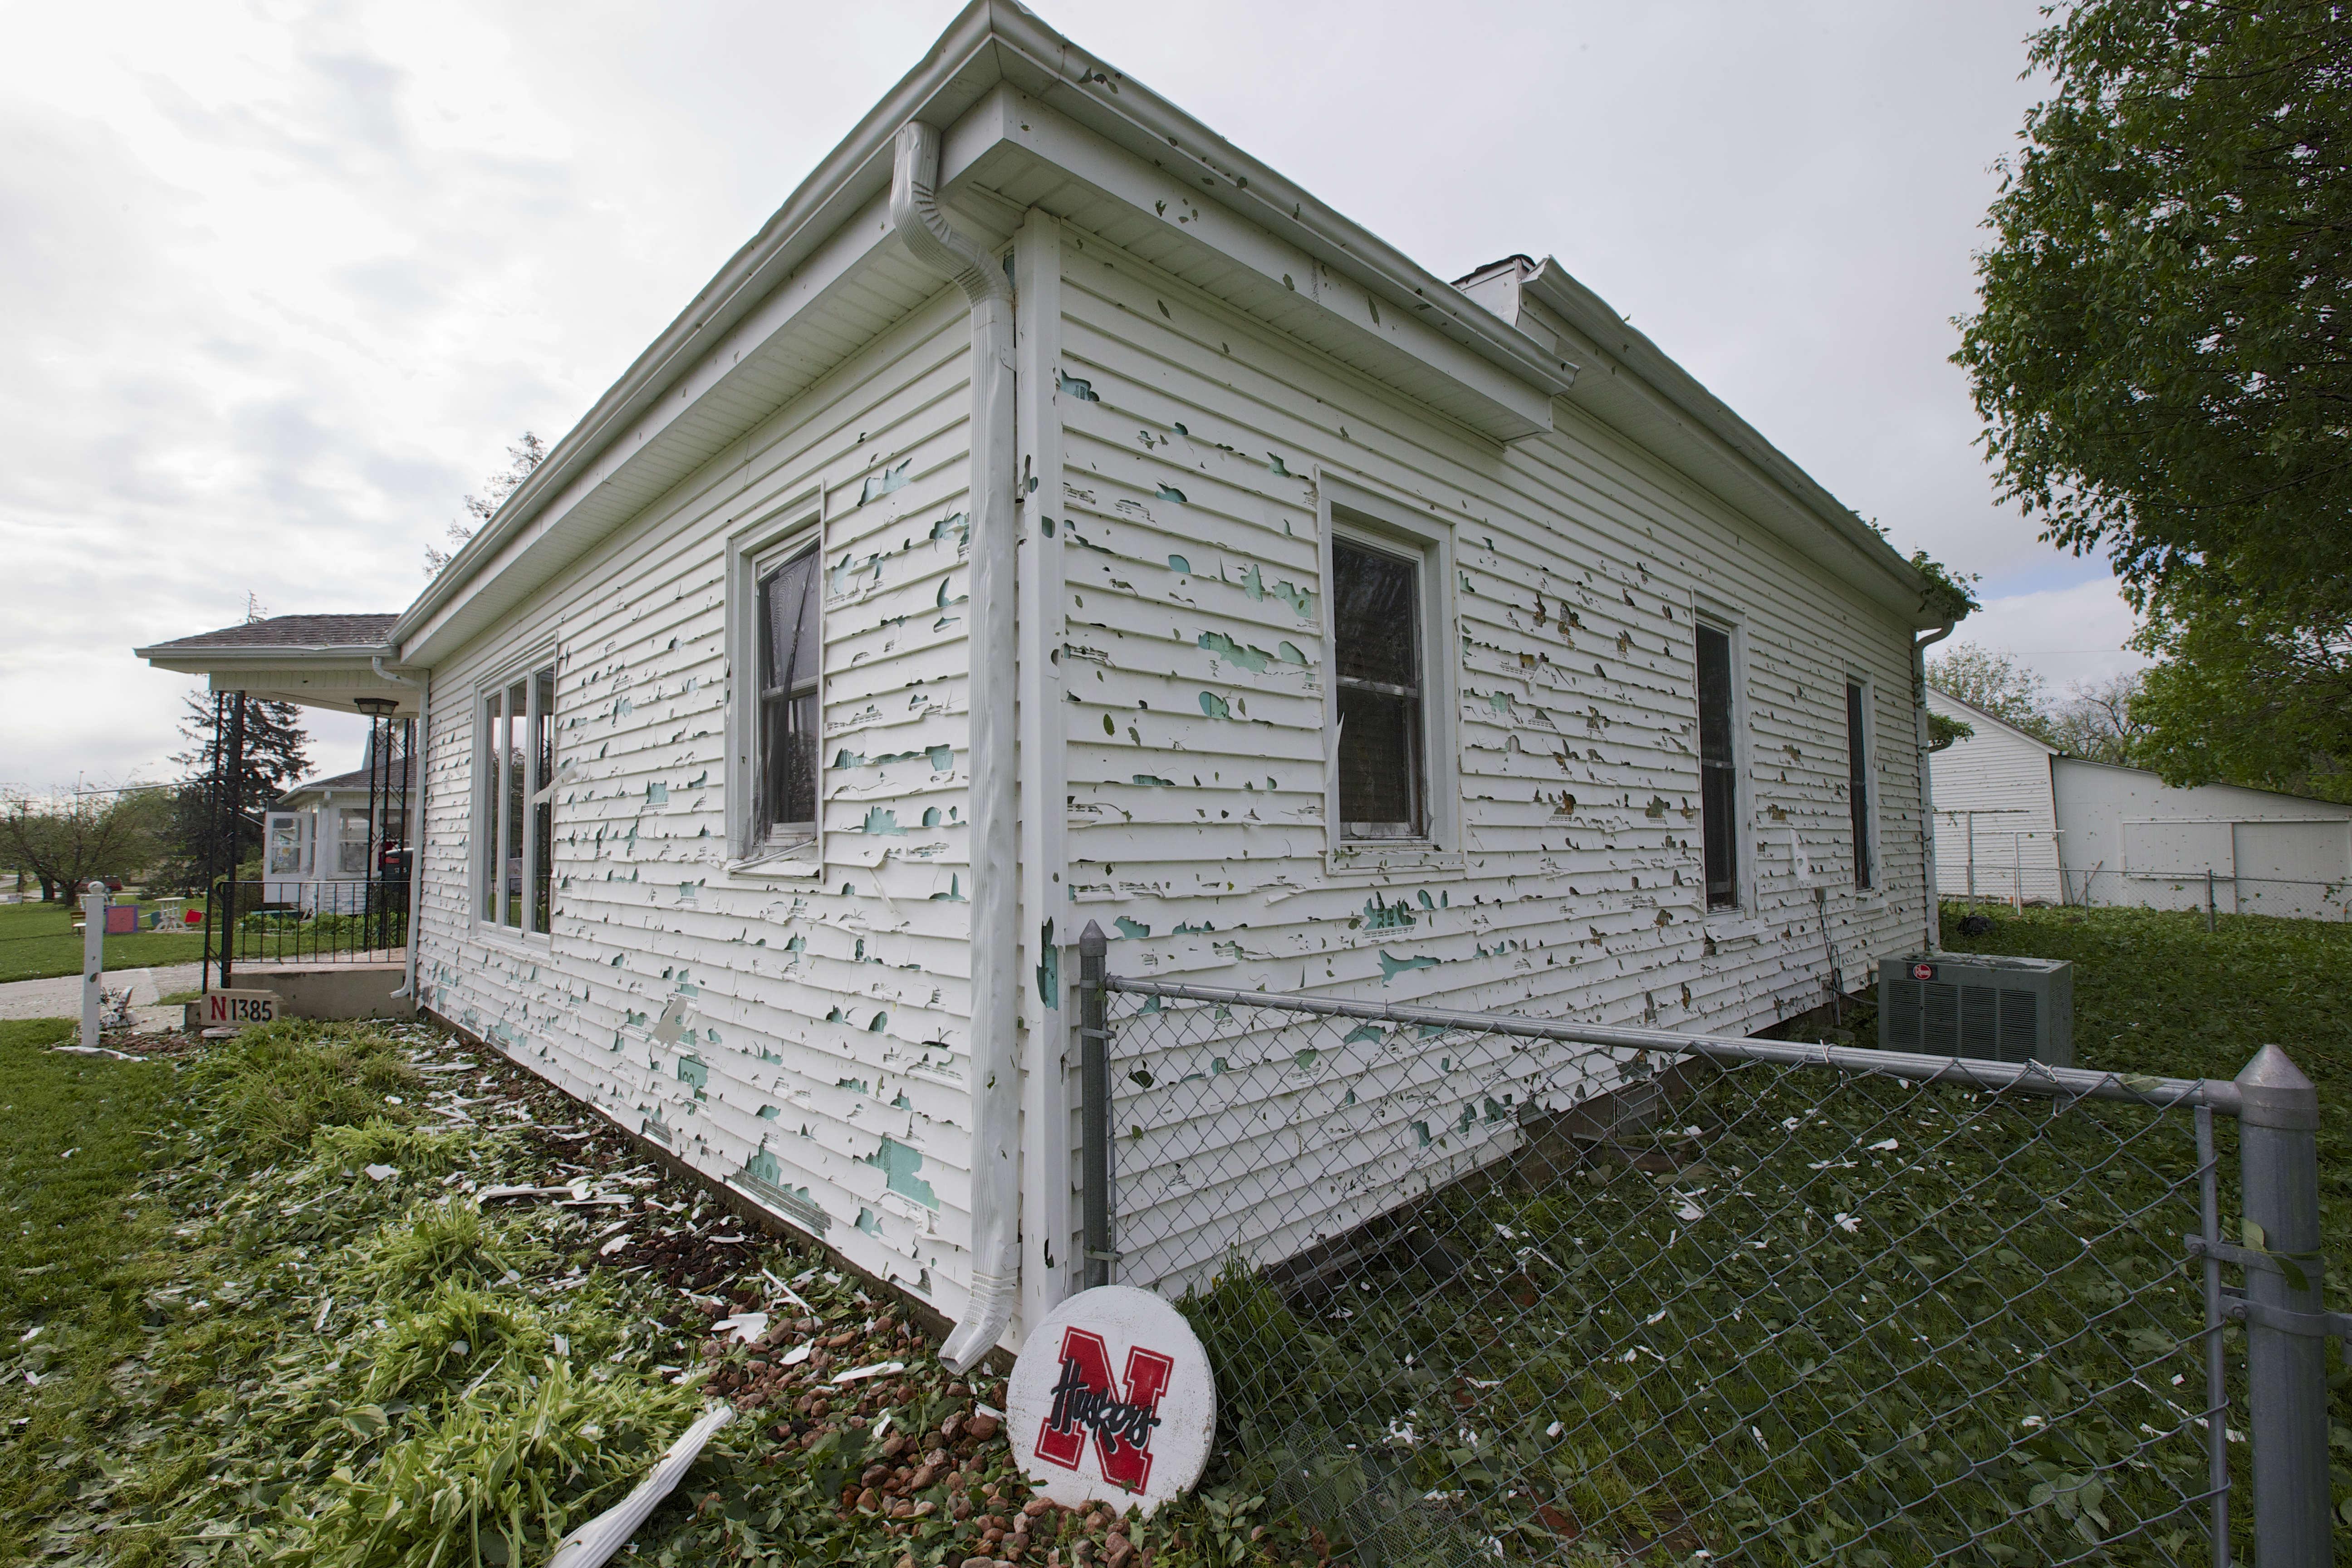 Hail damage to house in Nebraska